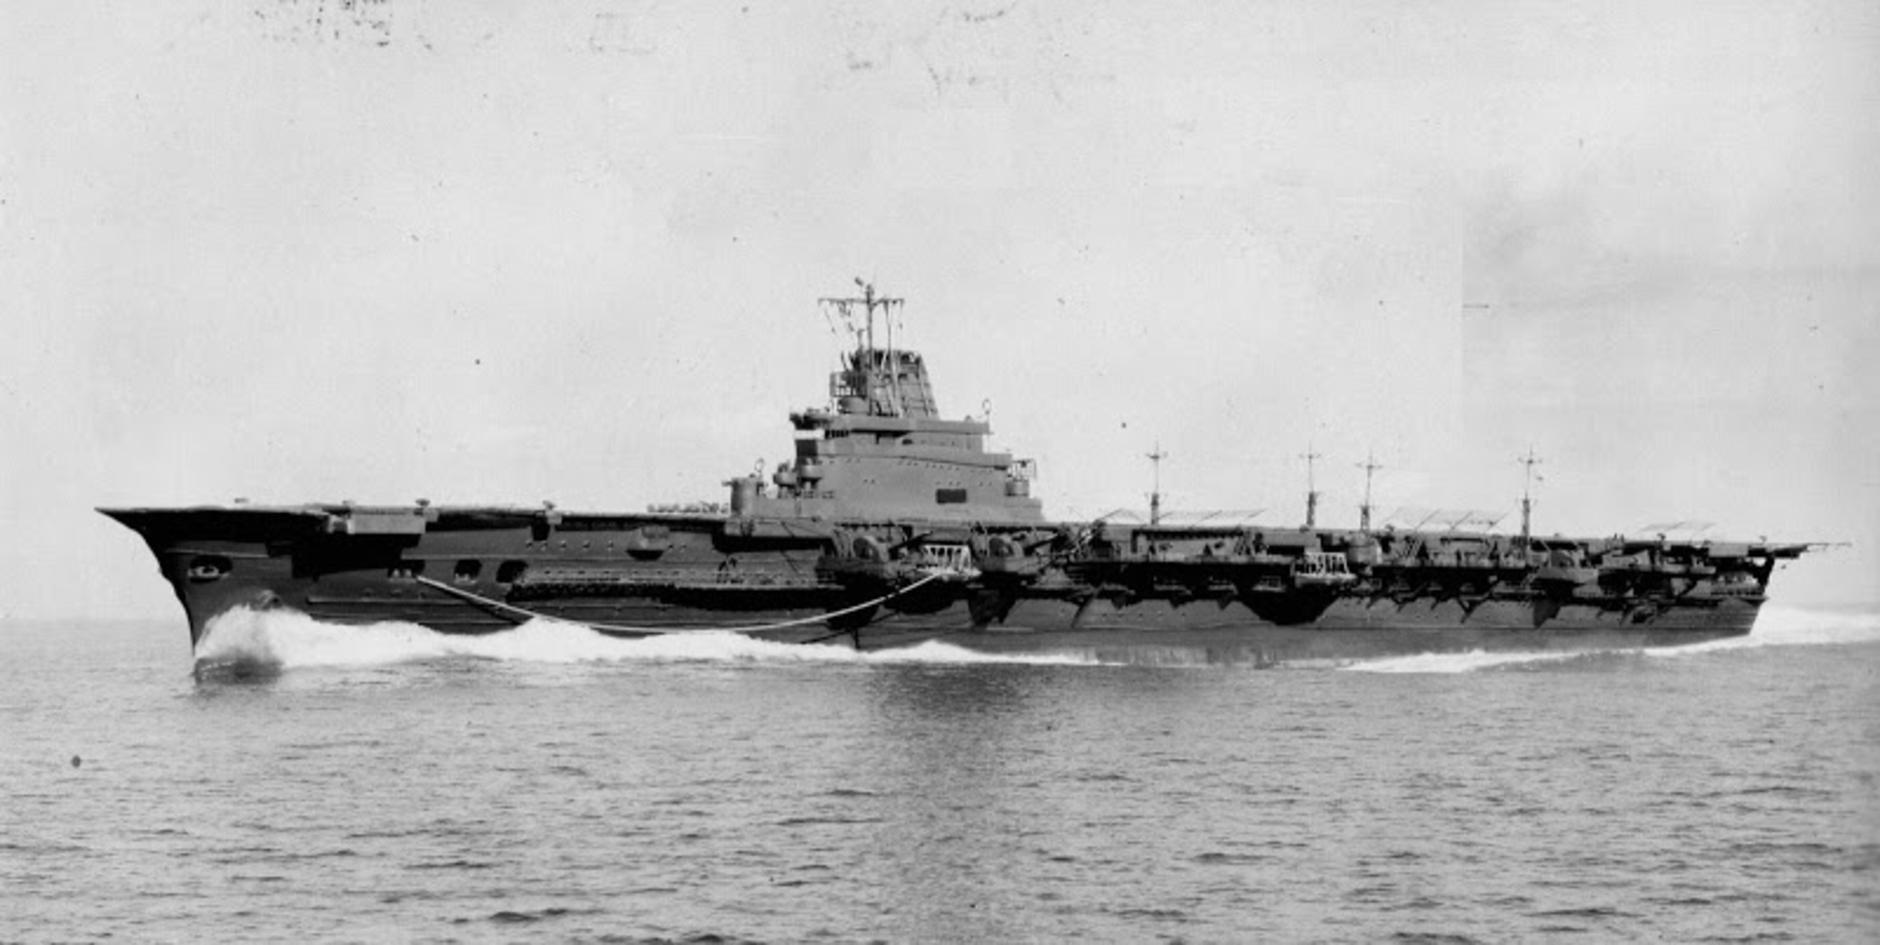 大日本帝国海軍所属の、太平洋戦争を戦った航空母艦大鳳・信濃の記録 ...